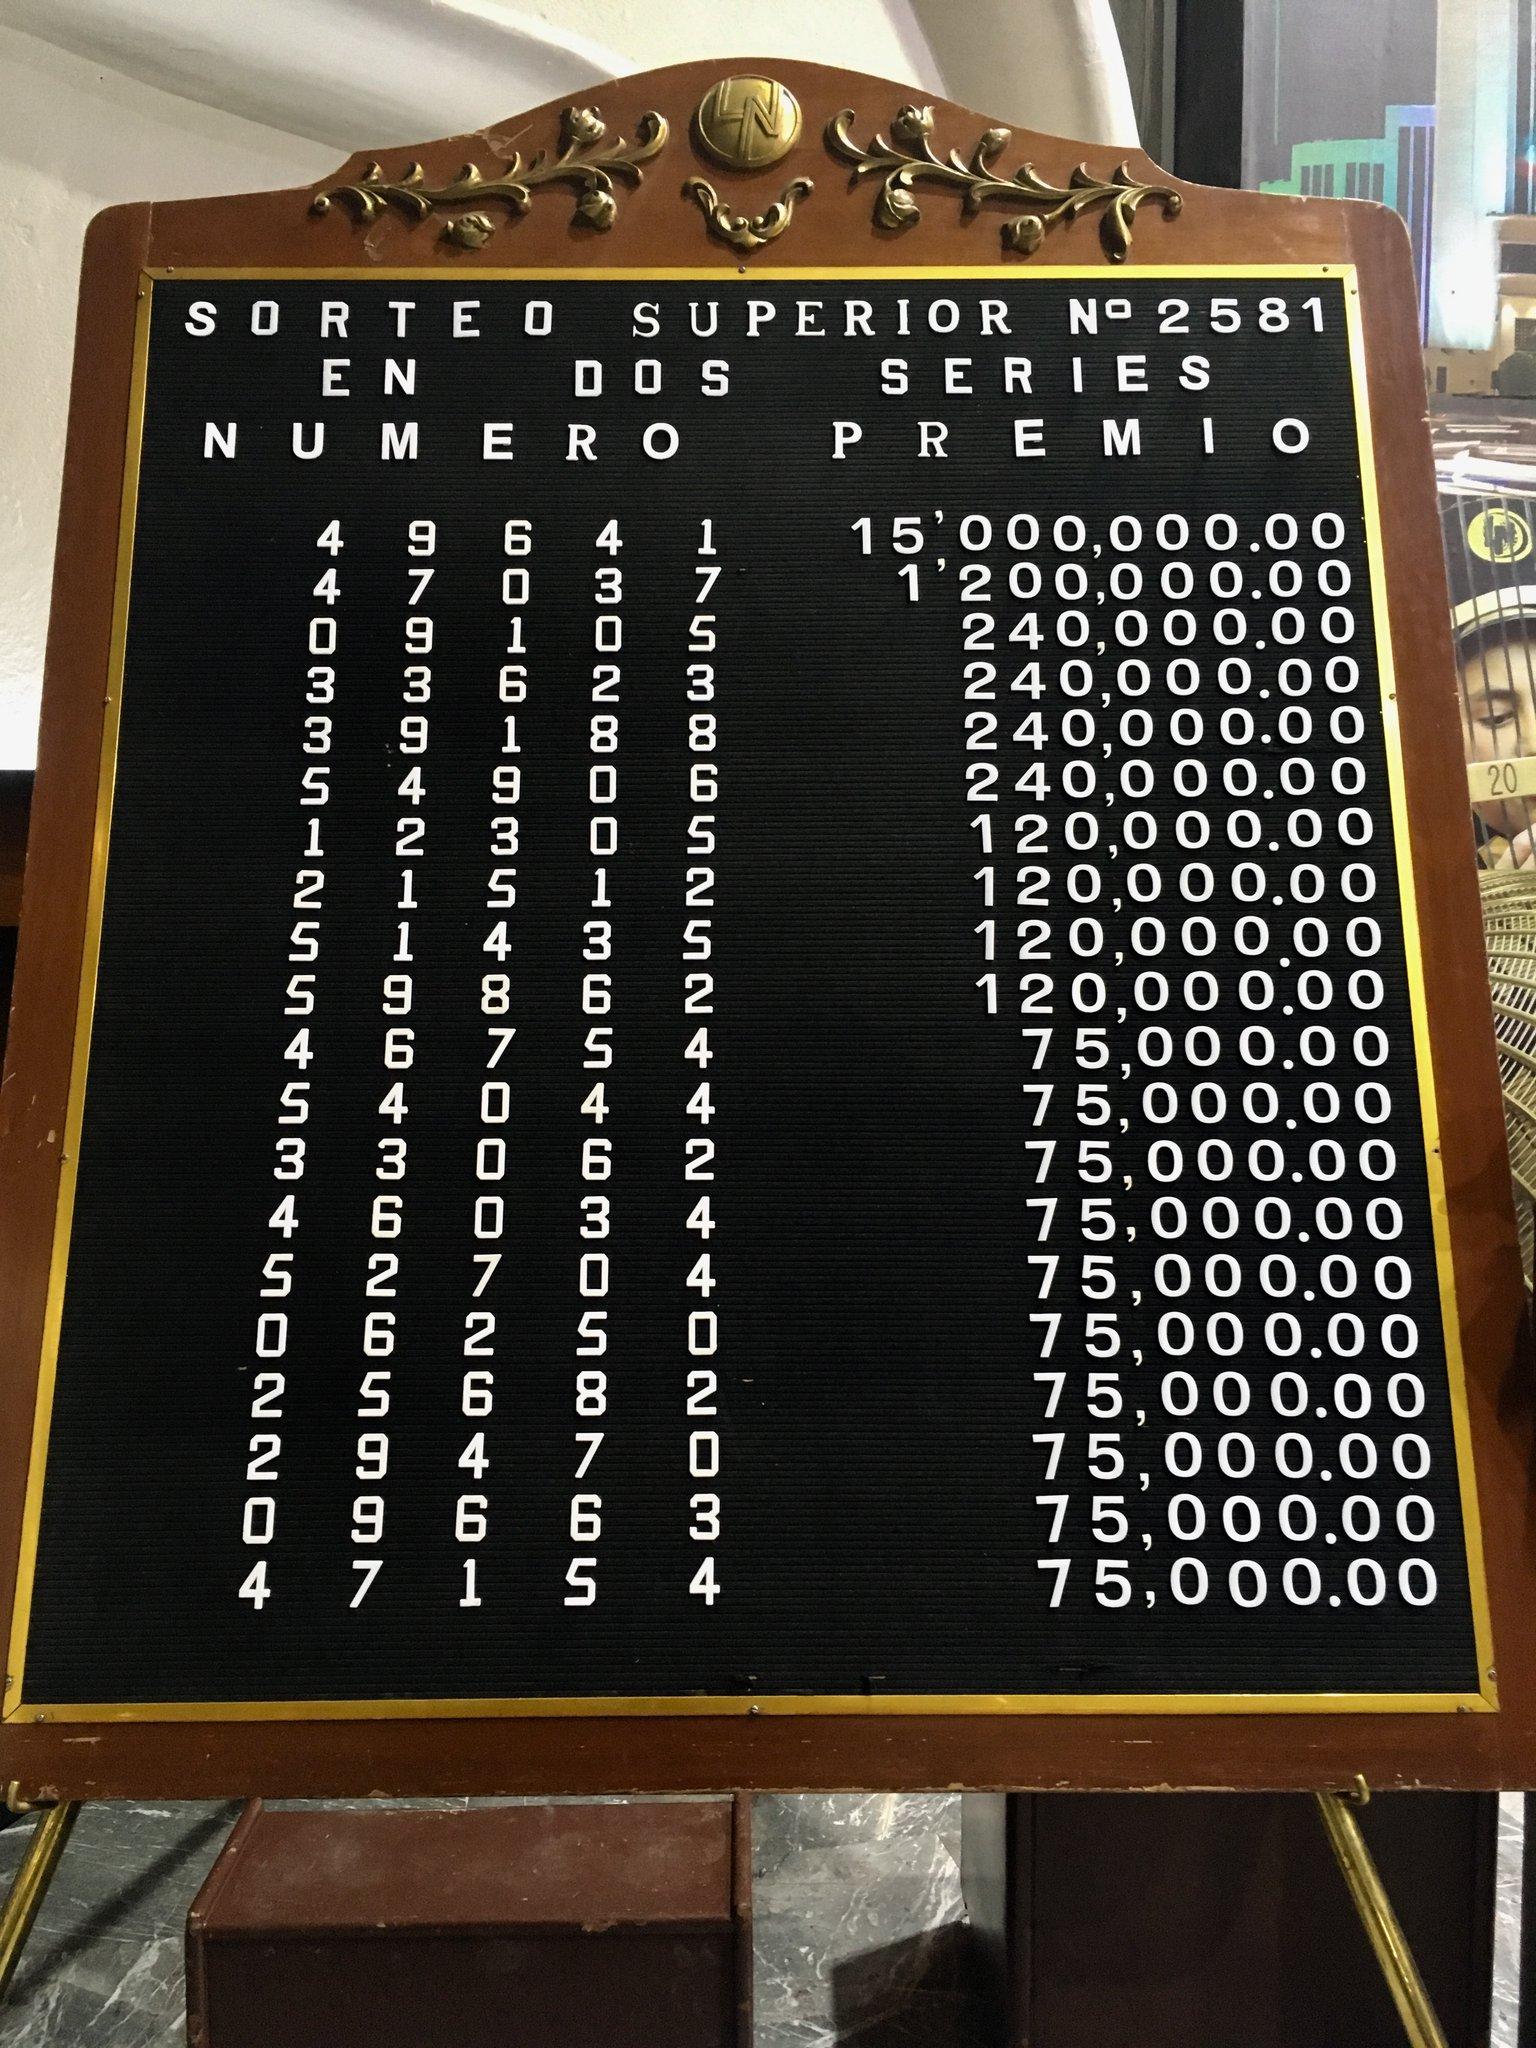 Resultado sorteo superior 2581